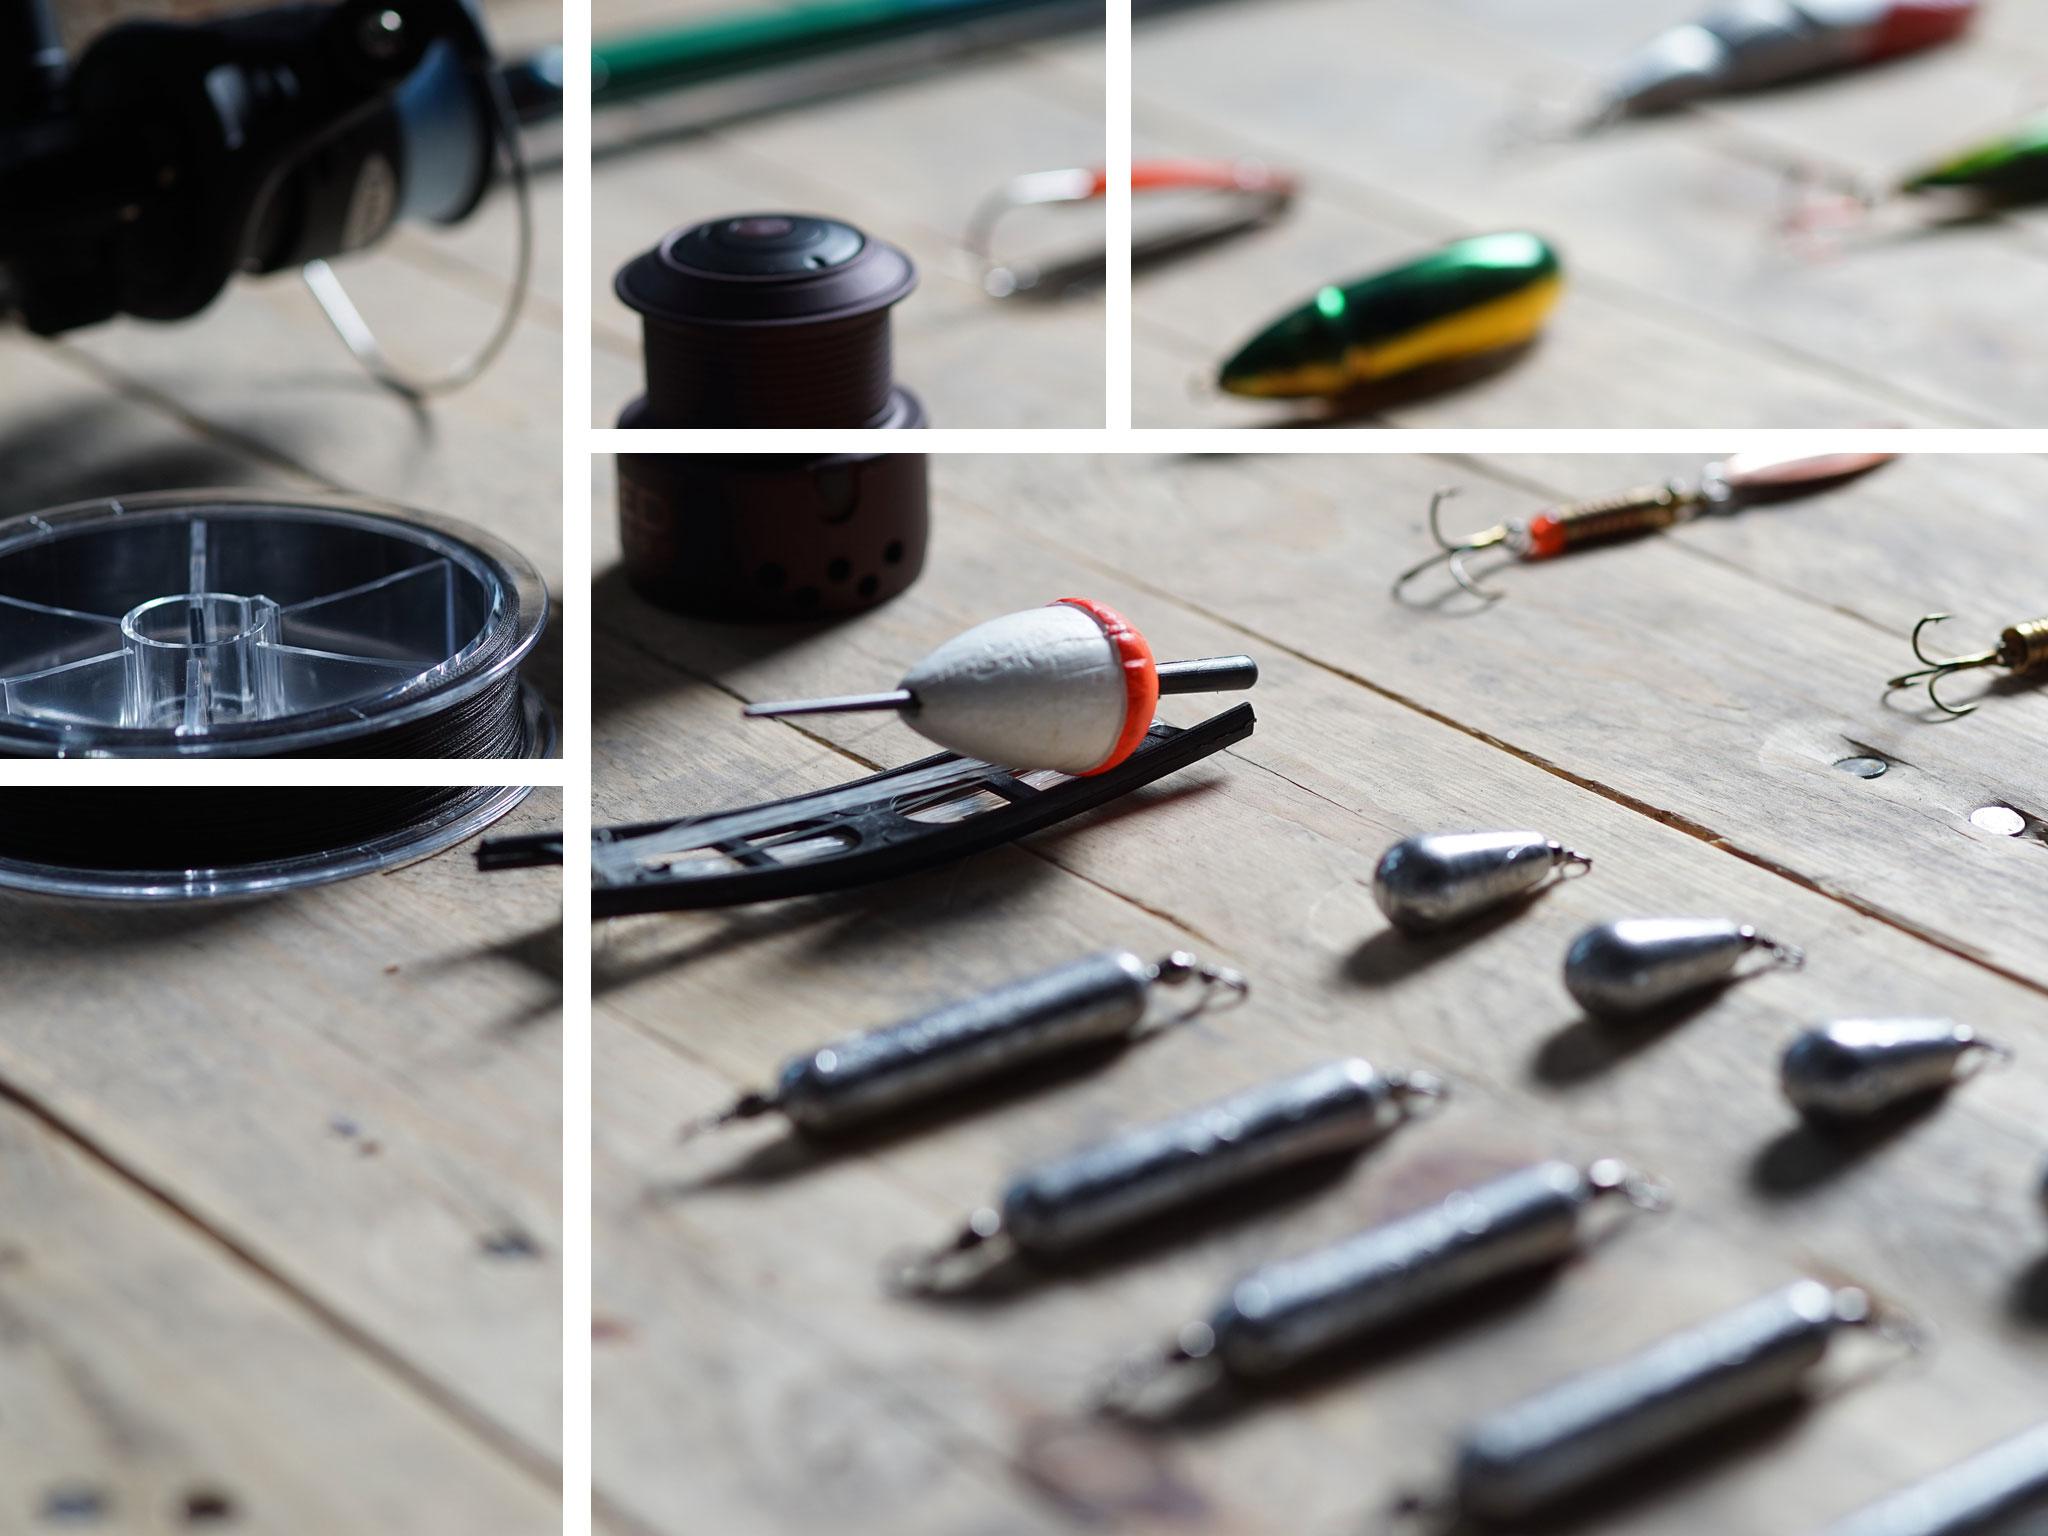 Tu tienda de pesca a tu servicio, te ofrecemos gran variedad de productos de pesca y marcas de prestigio